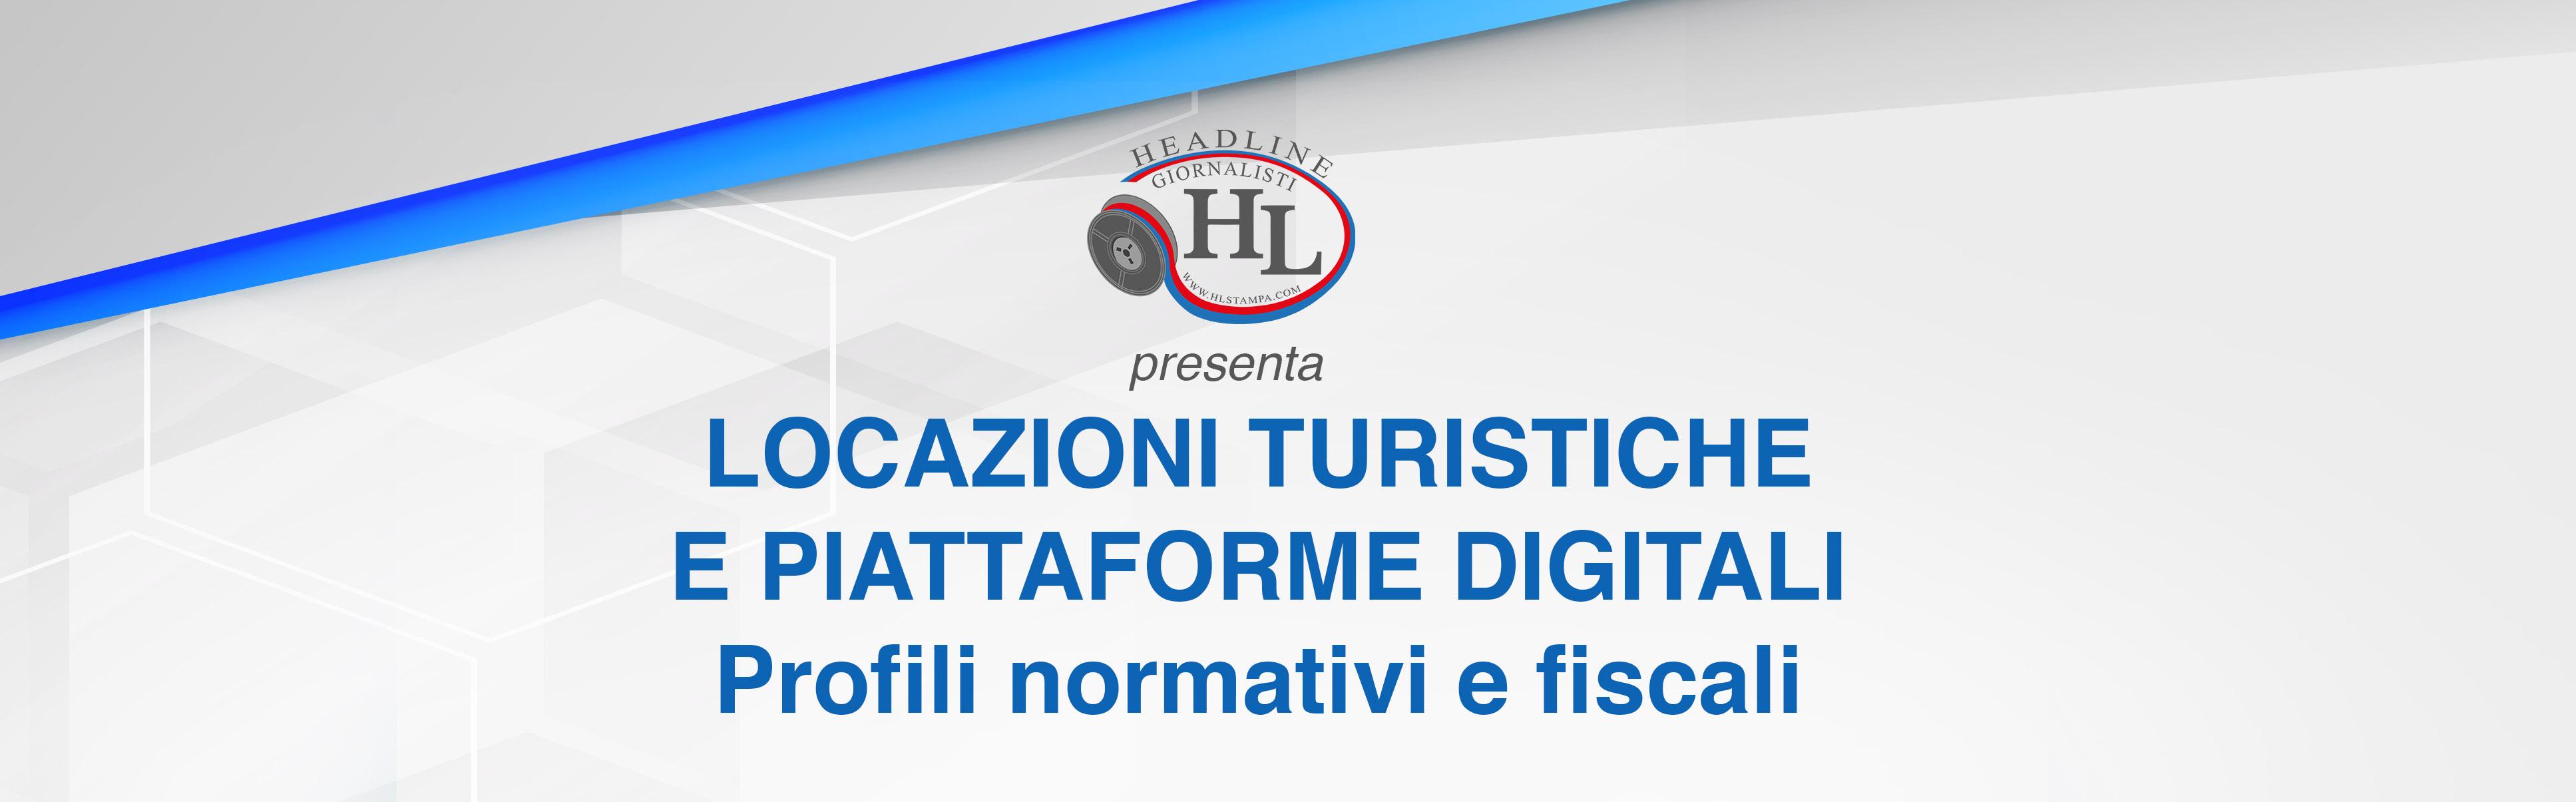 Locazioni turistiche e piattaforme digitali. Profili normativi e fiscali